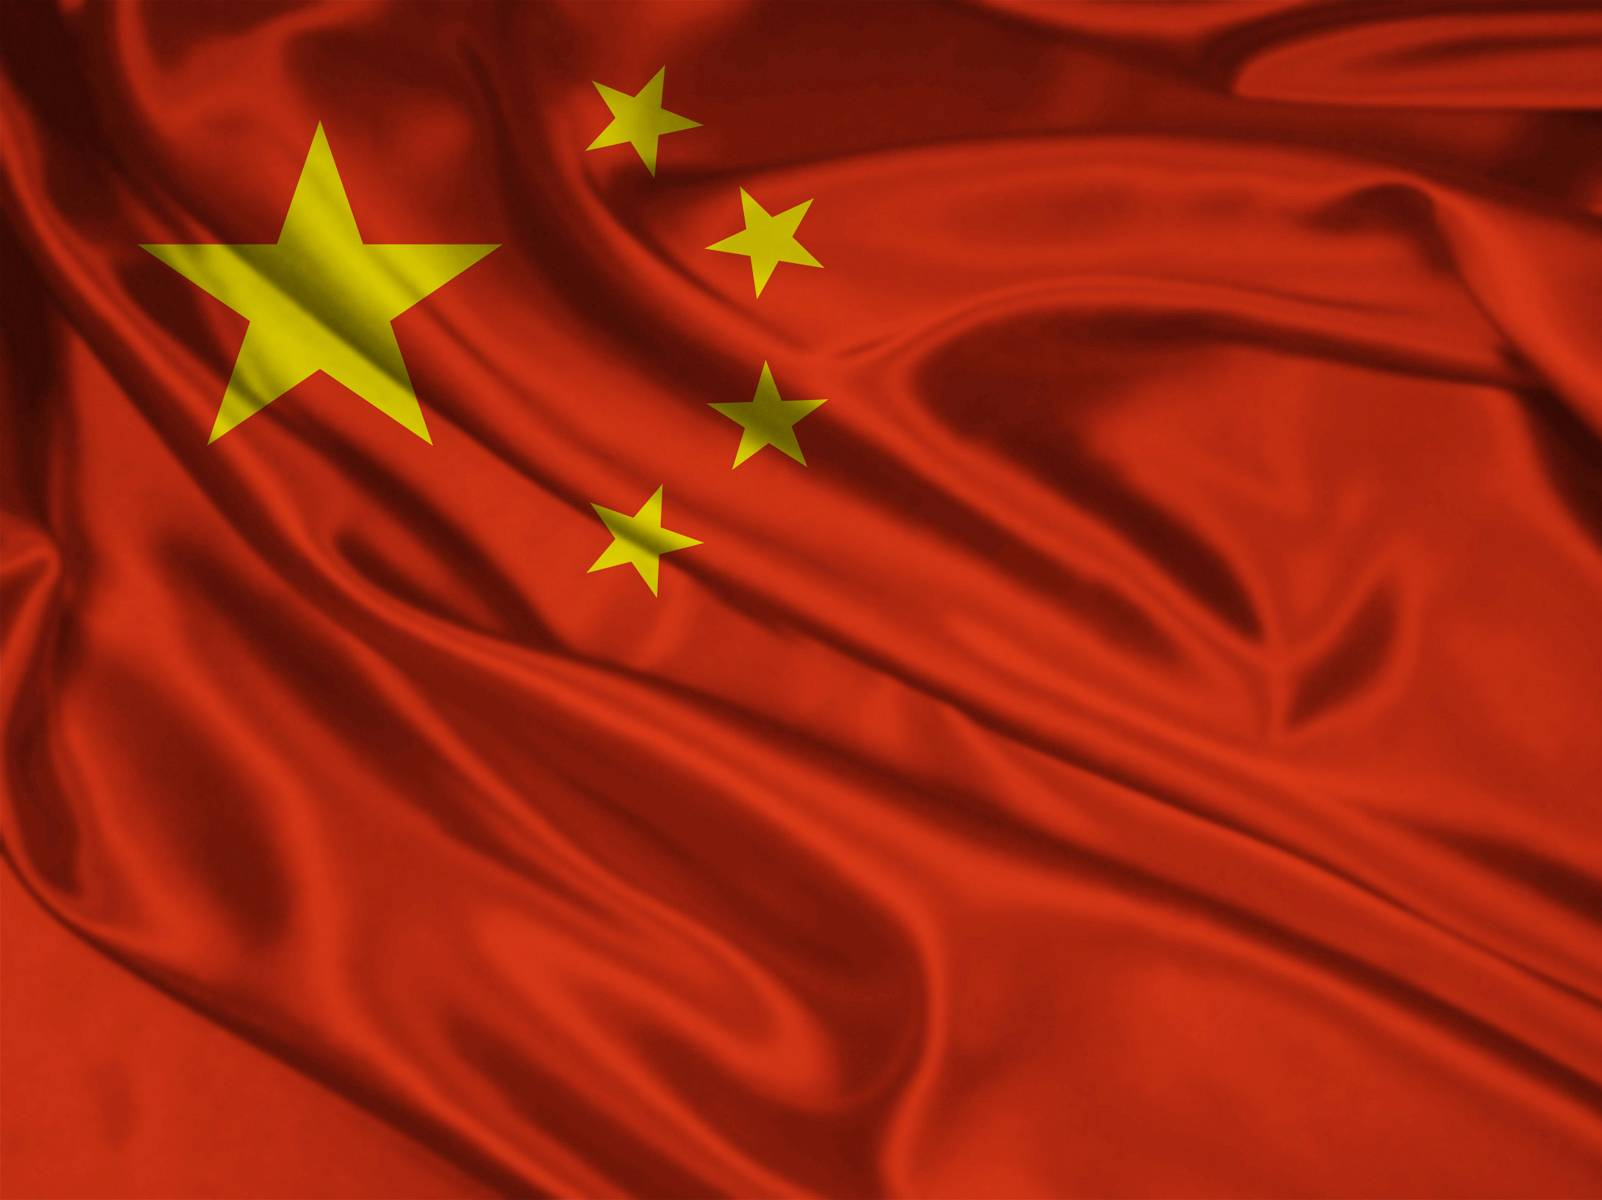 Crise na China pode ser oportunidade para cooperativas